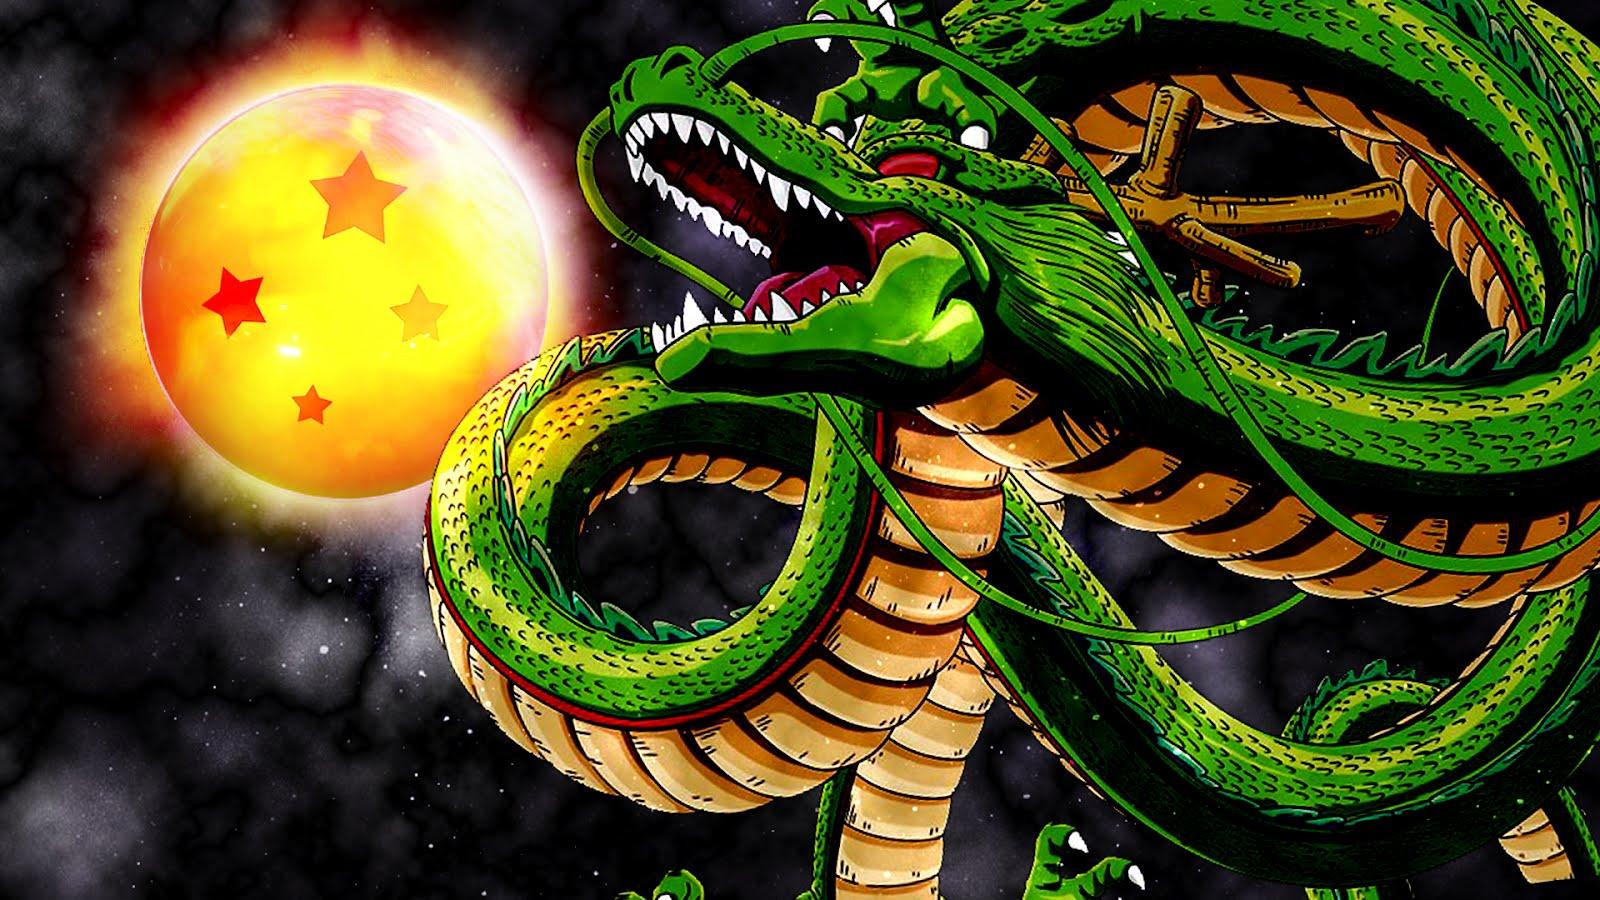 Goku y vegeta sheng long - Hd dragon ball z images ...